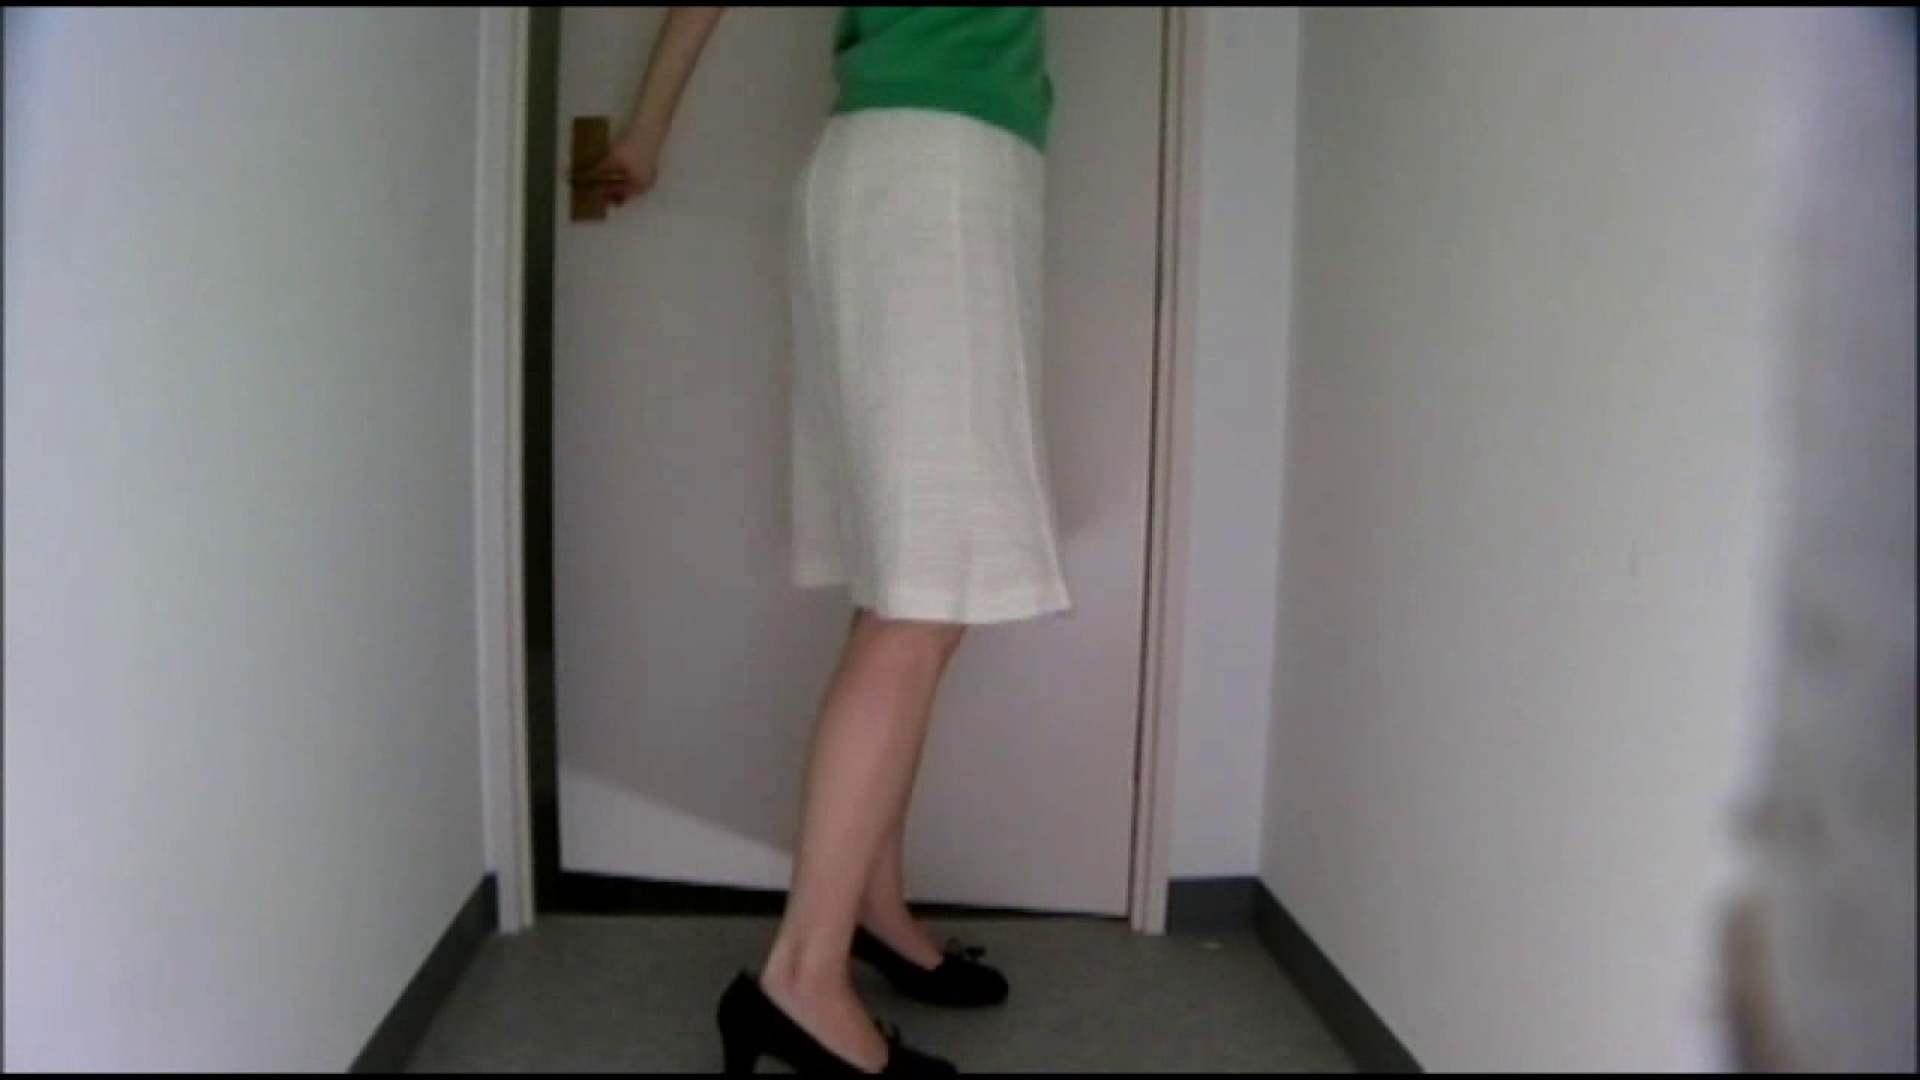 和式にまたがる女たちを待ちうけるカメラの衝撃映像vol.01 和式トイレ 性交動画流出 106pic 53